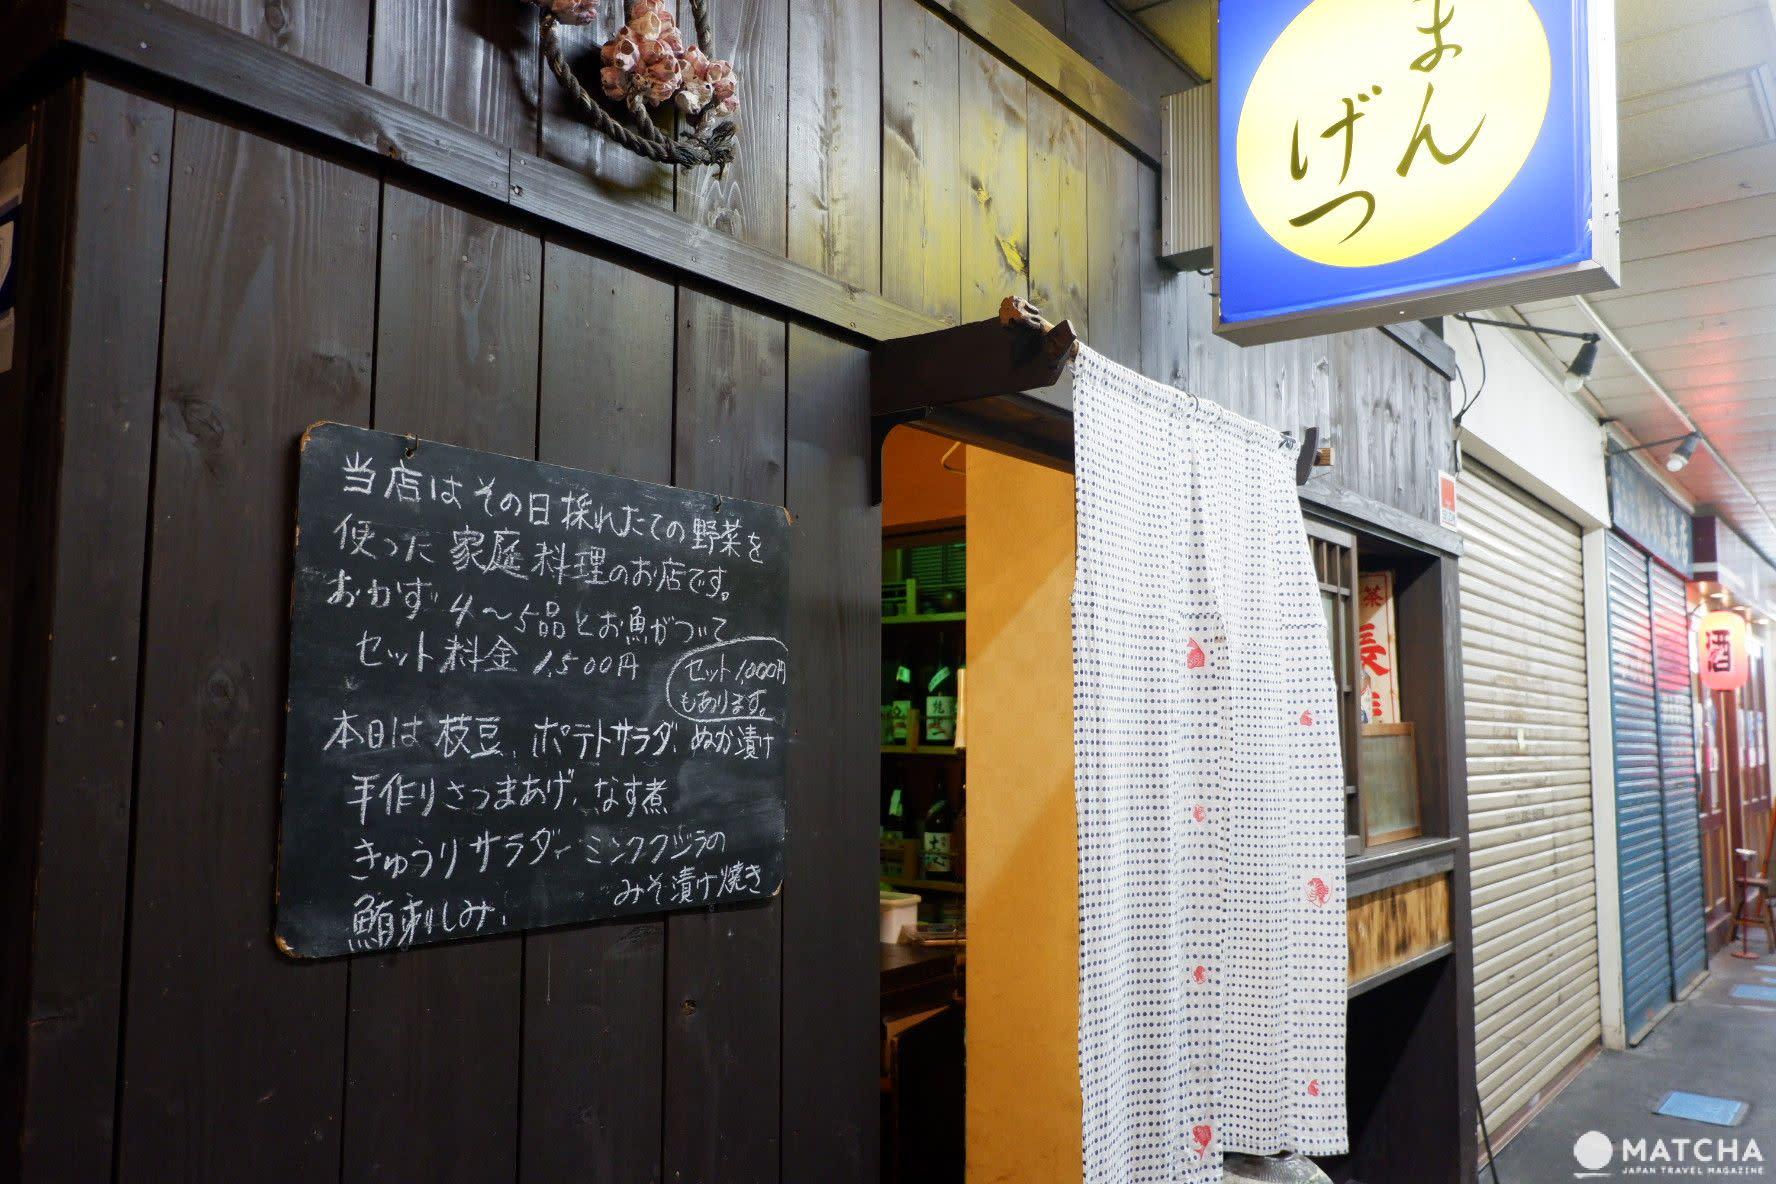 【仙台】仙台的夜晚不無聊!不醉不歸的商店街與令人陶醉的黑膠音樂bar